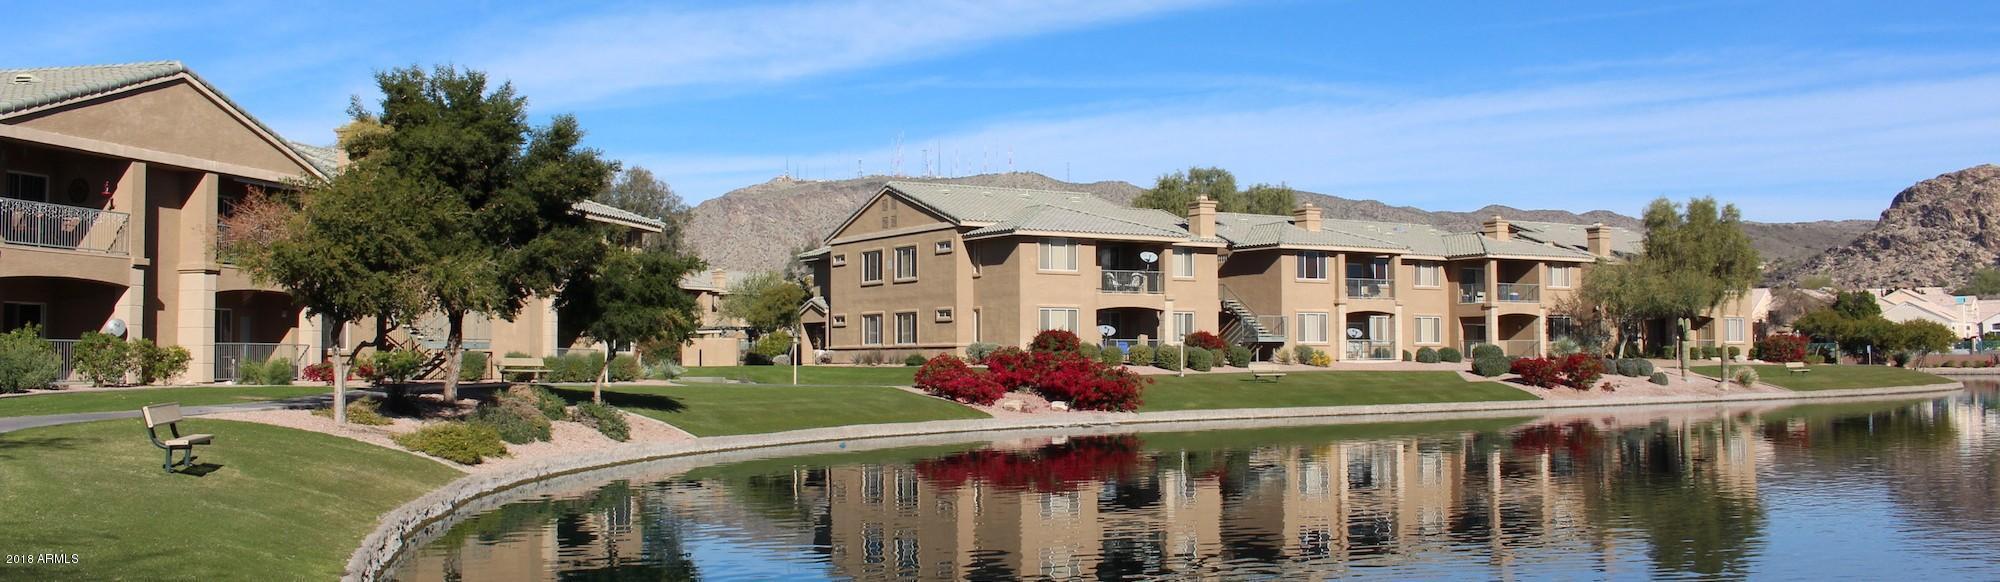 MLS 5815992 16013 S DESERT FOOTHILLS Parkway Unit 2043, Phoenix, AZ 85048 Ahwatukee Community AZ Short Sale